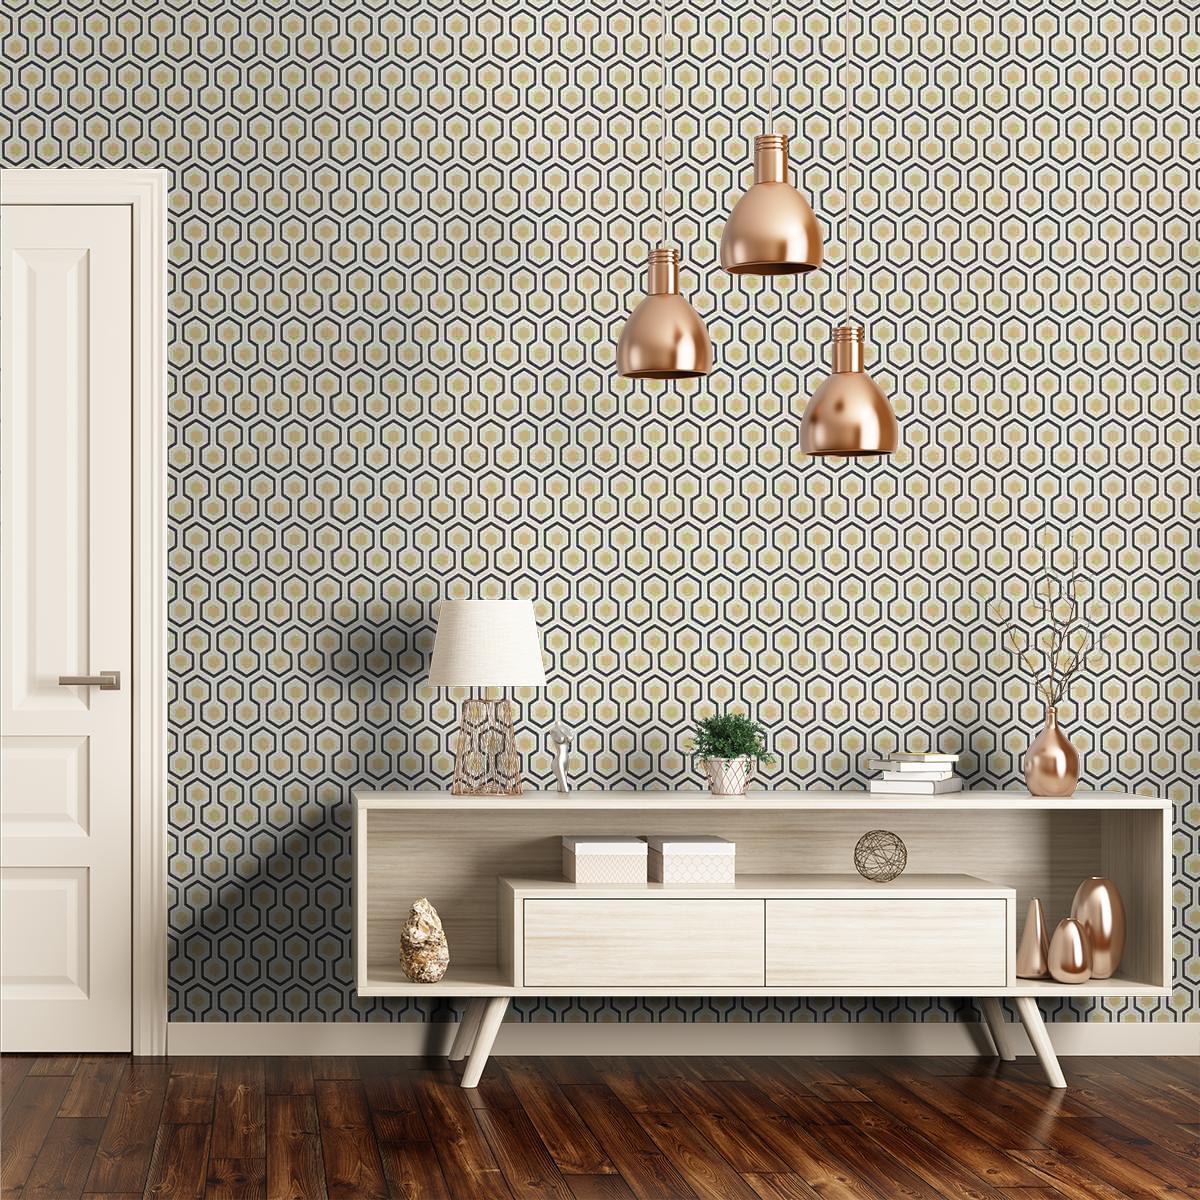 Papier Peint David Hicks cole and son - hicks' hexagon wallpaper | spirithome